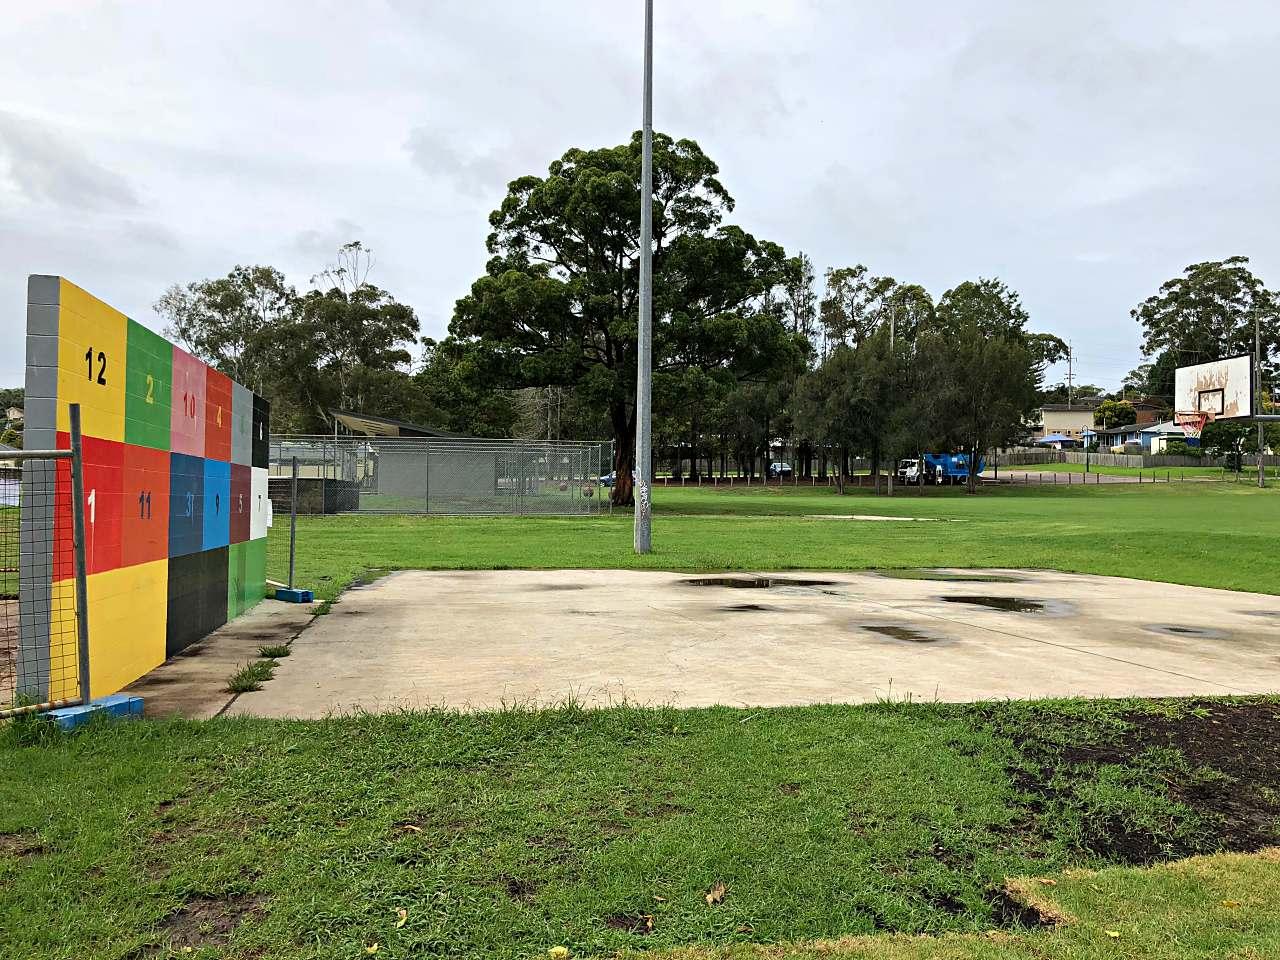 Kickwall and basketball hoop at Alan Davidson Oval playground